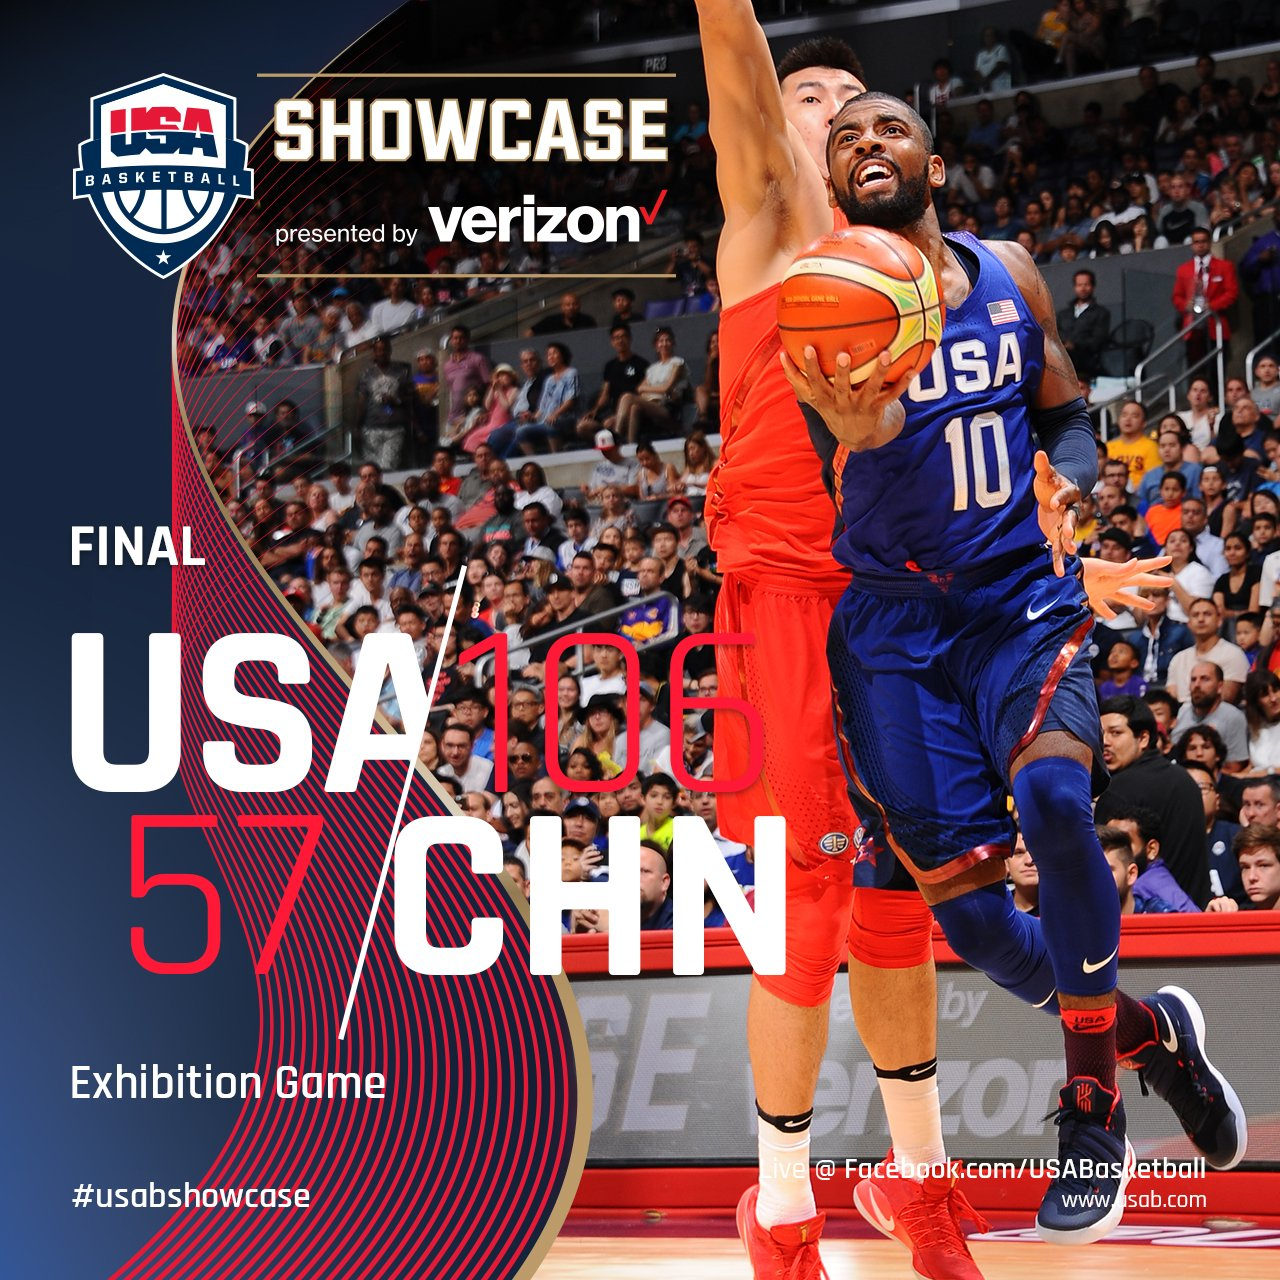 美國106:57大勝中國,王哲林與周琦表現糟糕